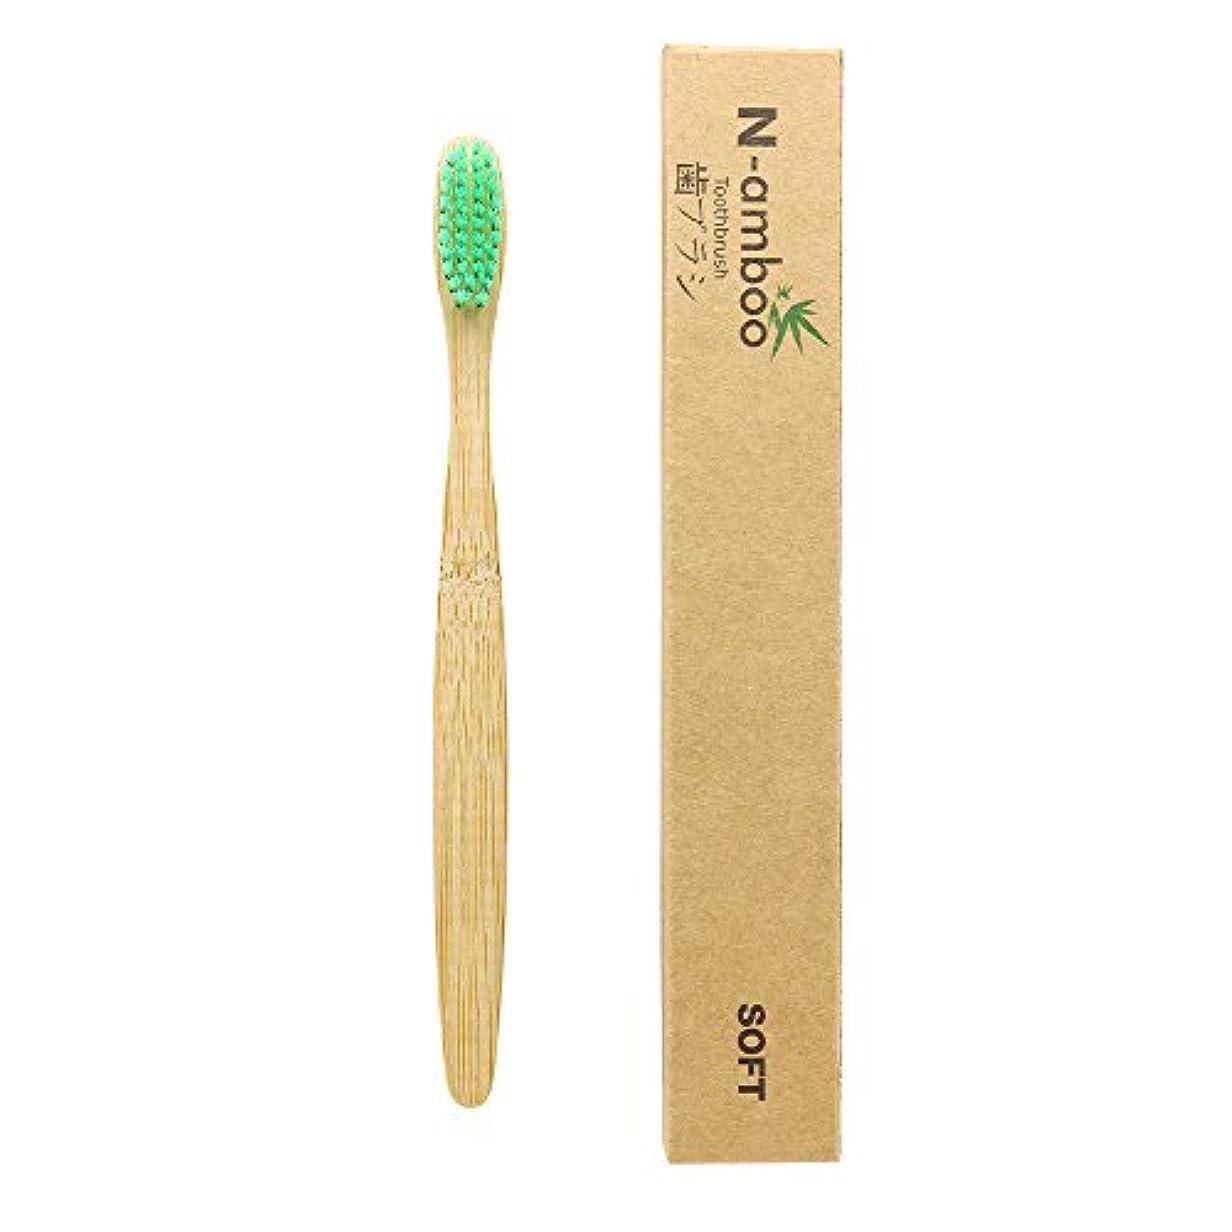 マディソン話をする力強いN-amboo 歯ブラシ 1本入り 竹製 高耐久性 緑 エコ